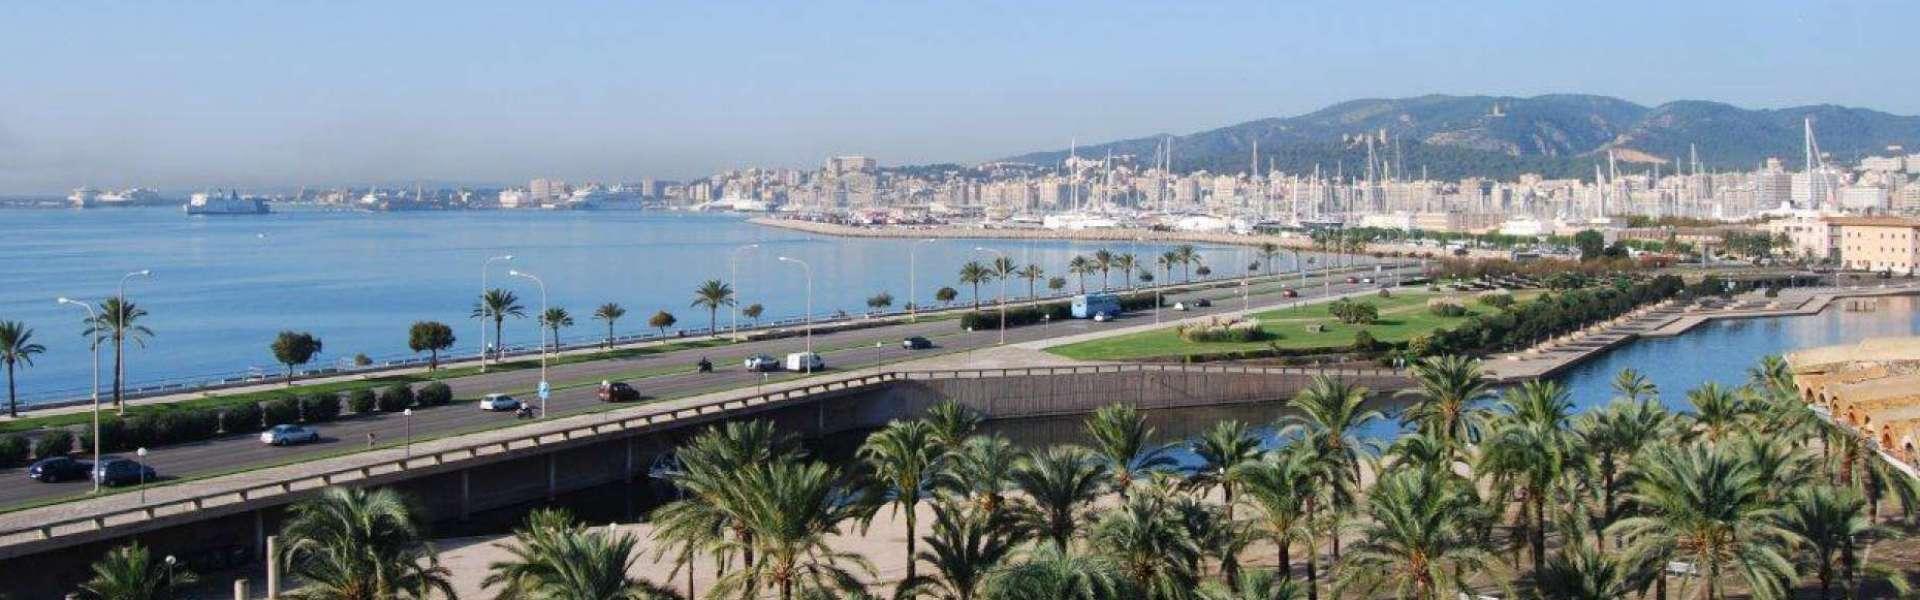 Palma - Penthouse mit Blick auf Kathedrale und Meer zum Verkauf